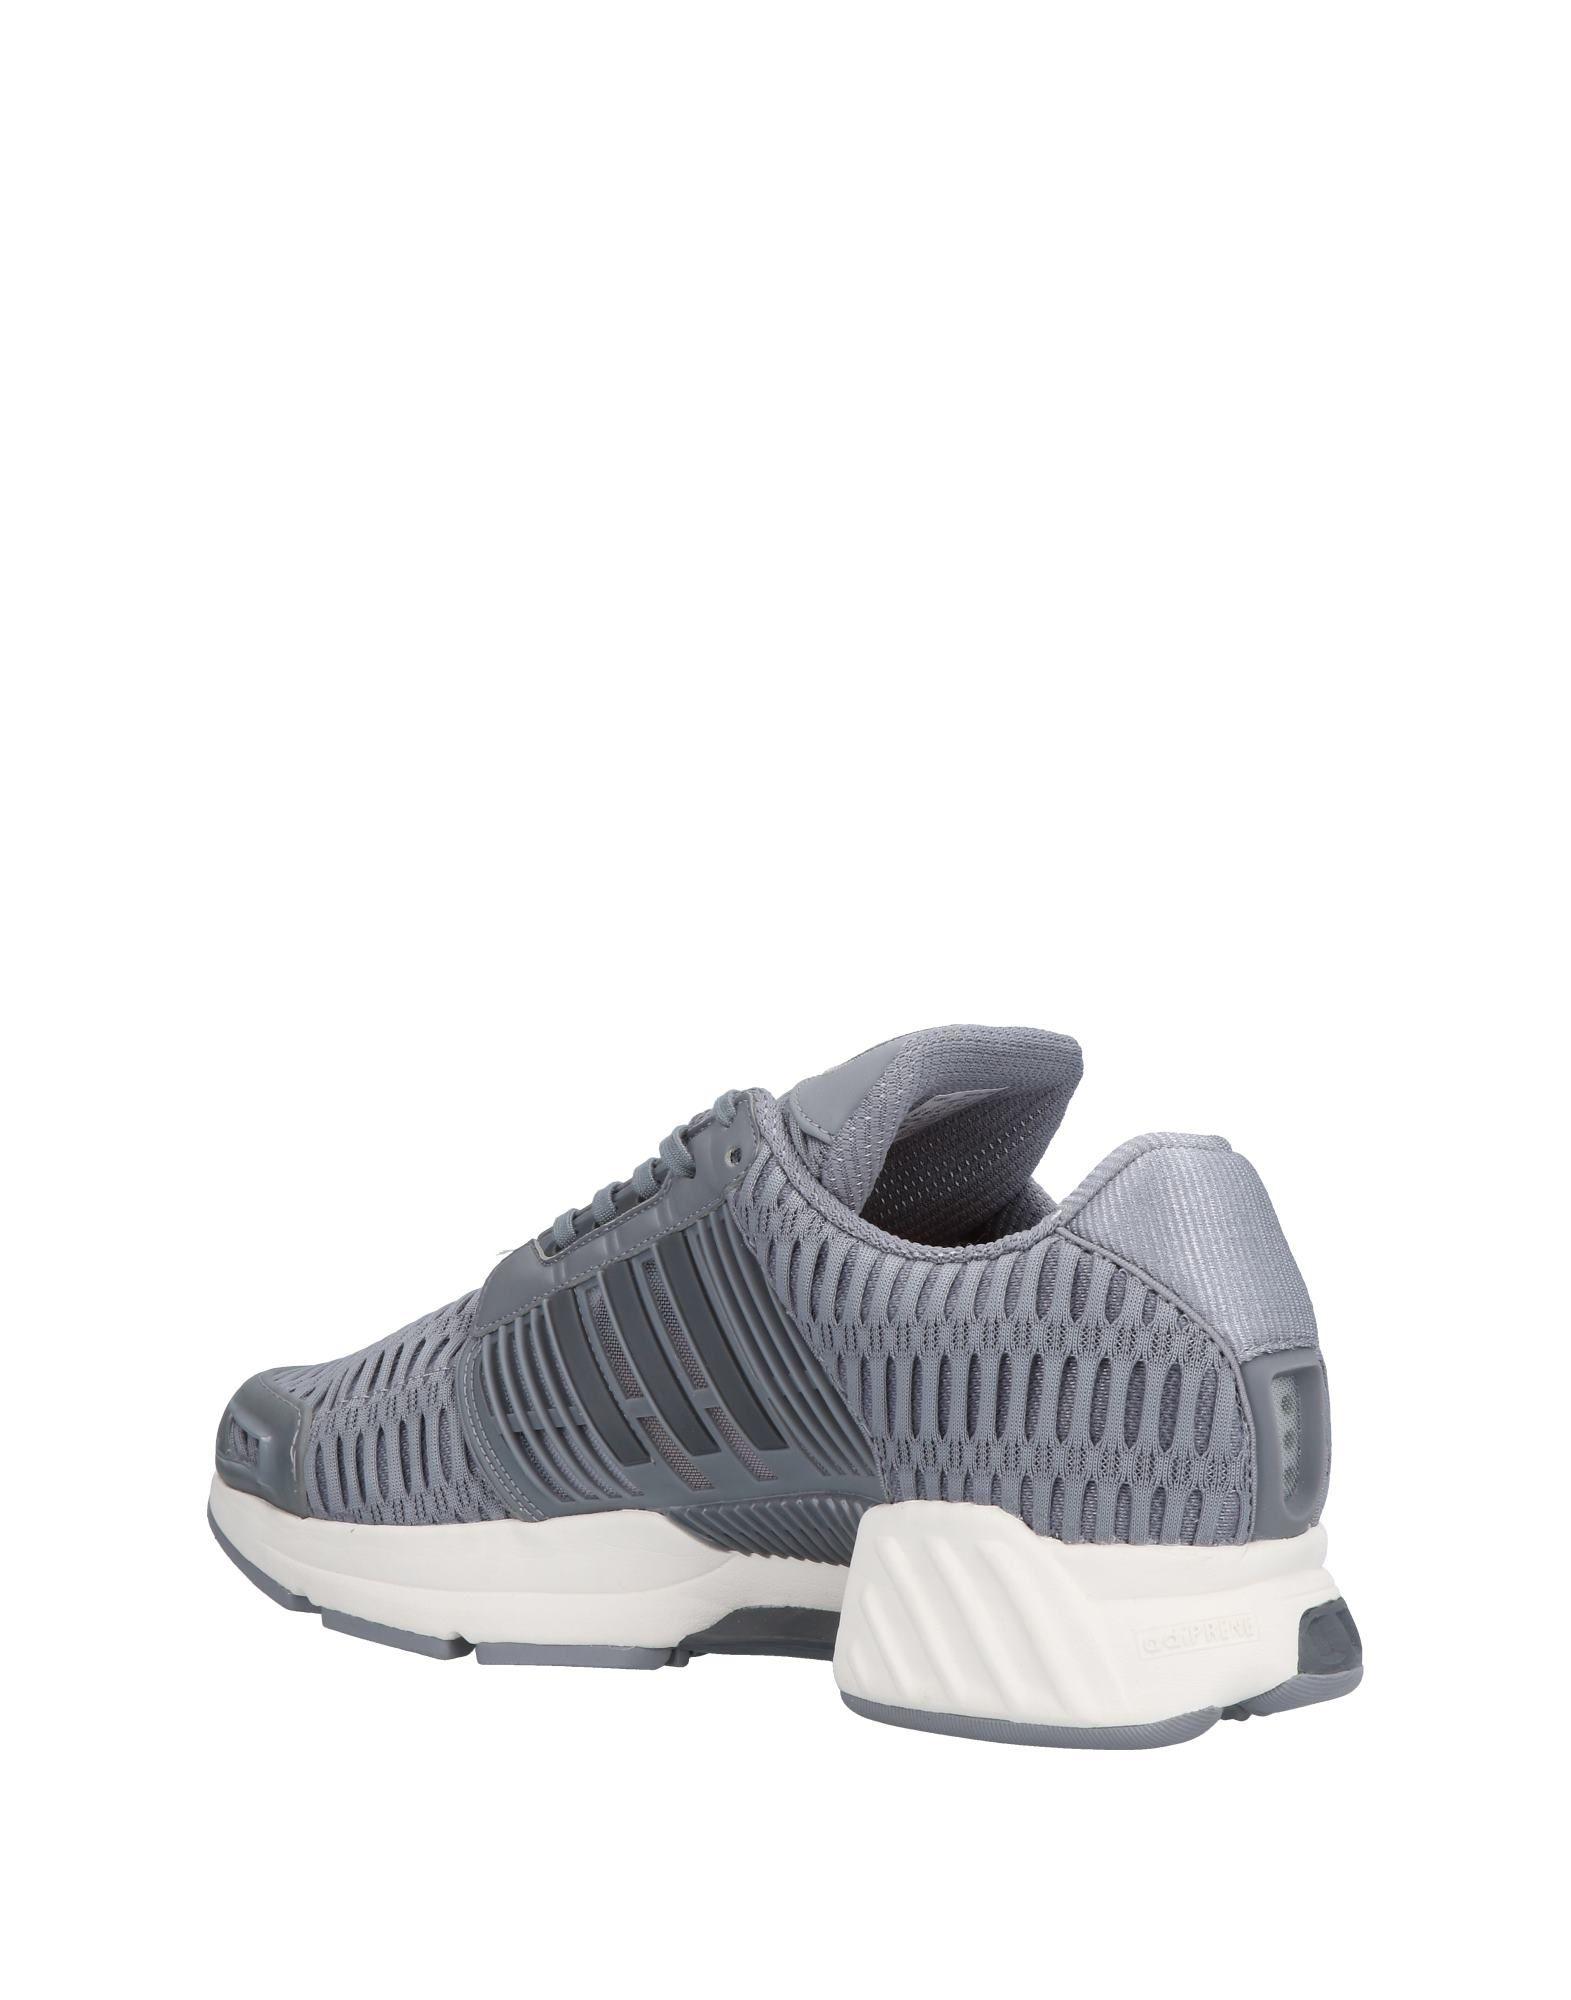 Adidas Originals Sneakers Herren Neue  11483032KT Neue Herren Schuhe 89995c